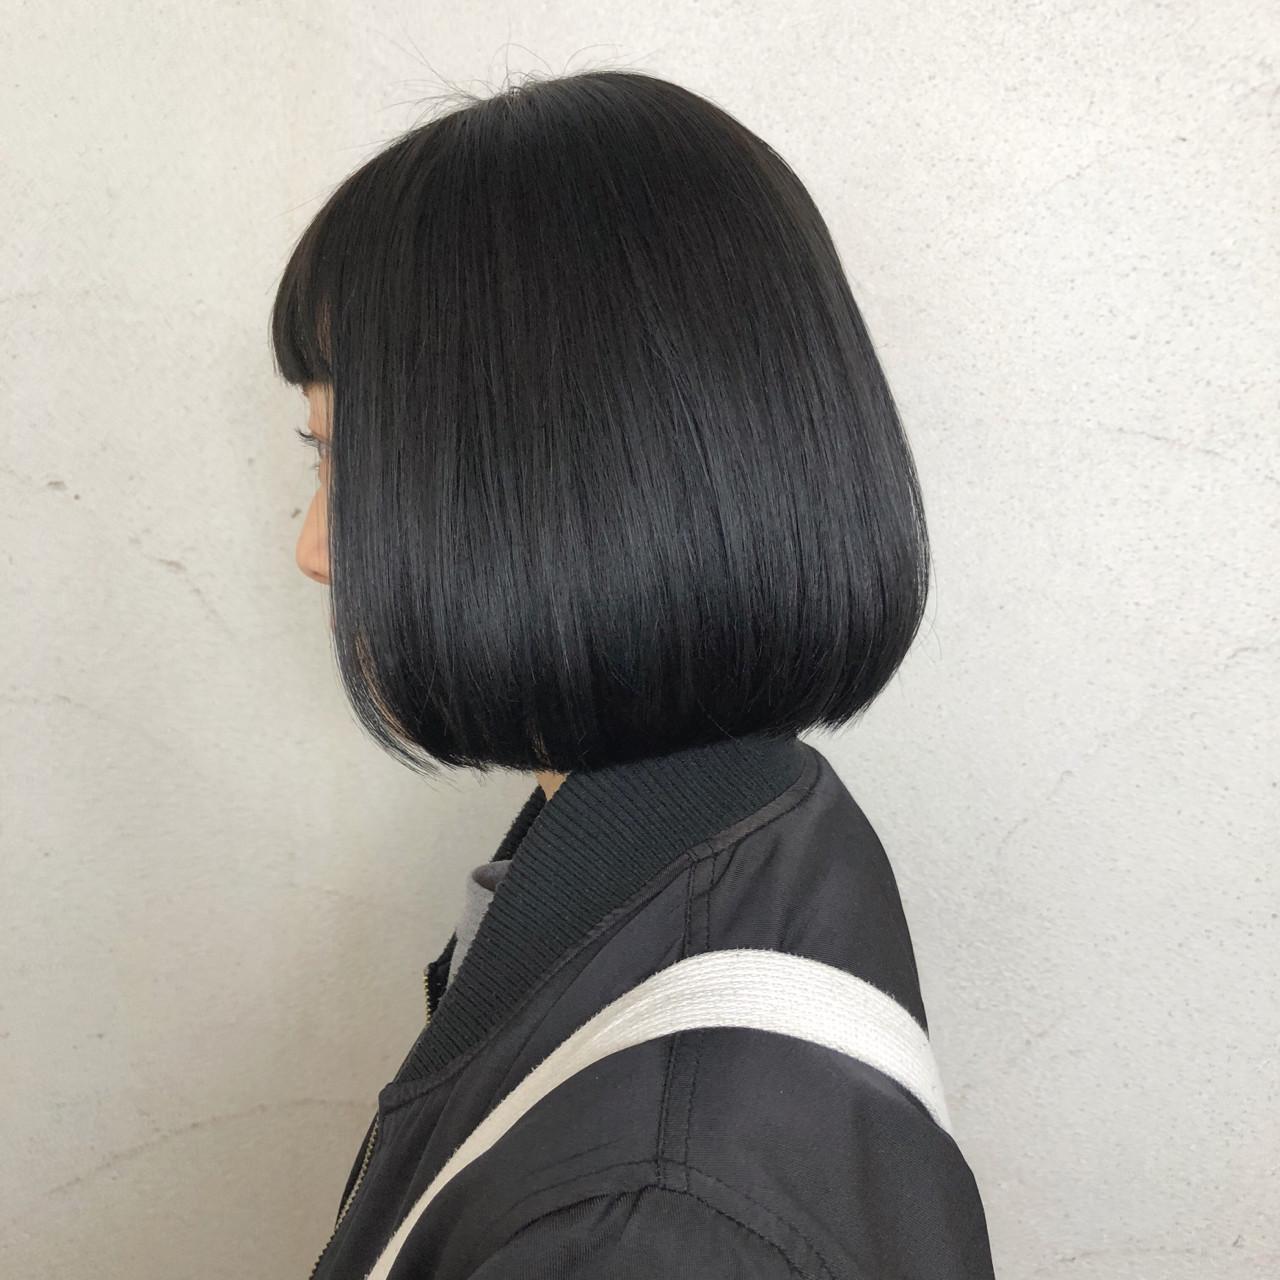 オルチャン風の黒髪ボブ Keiichiro Nakazato